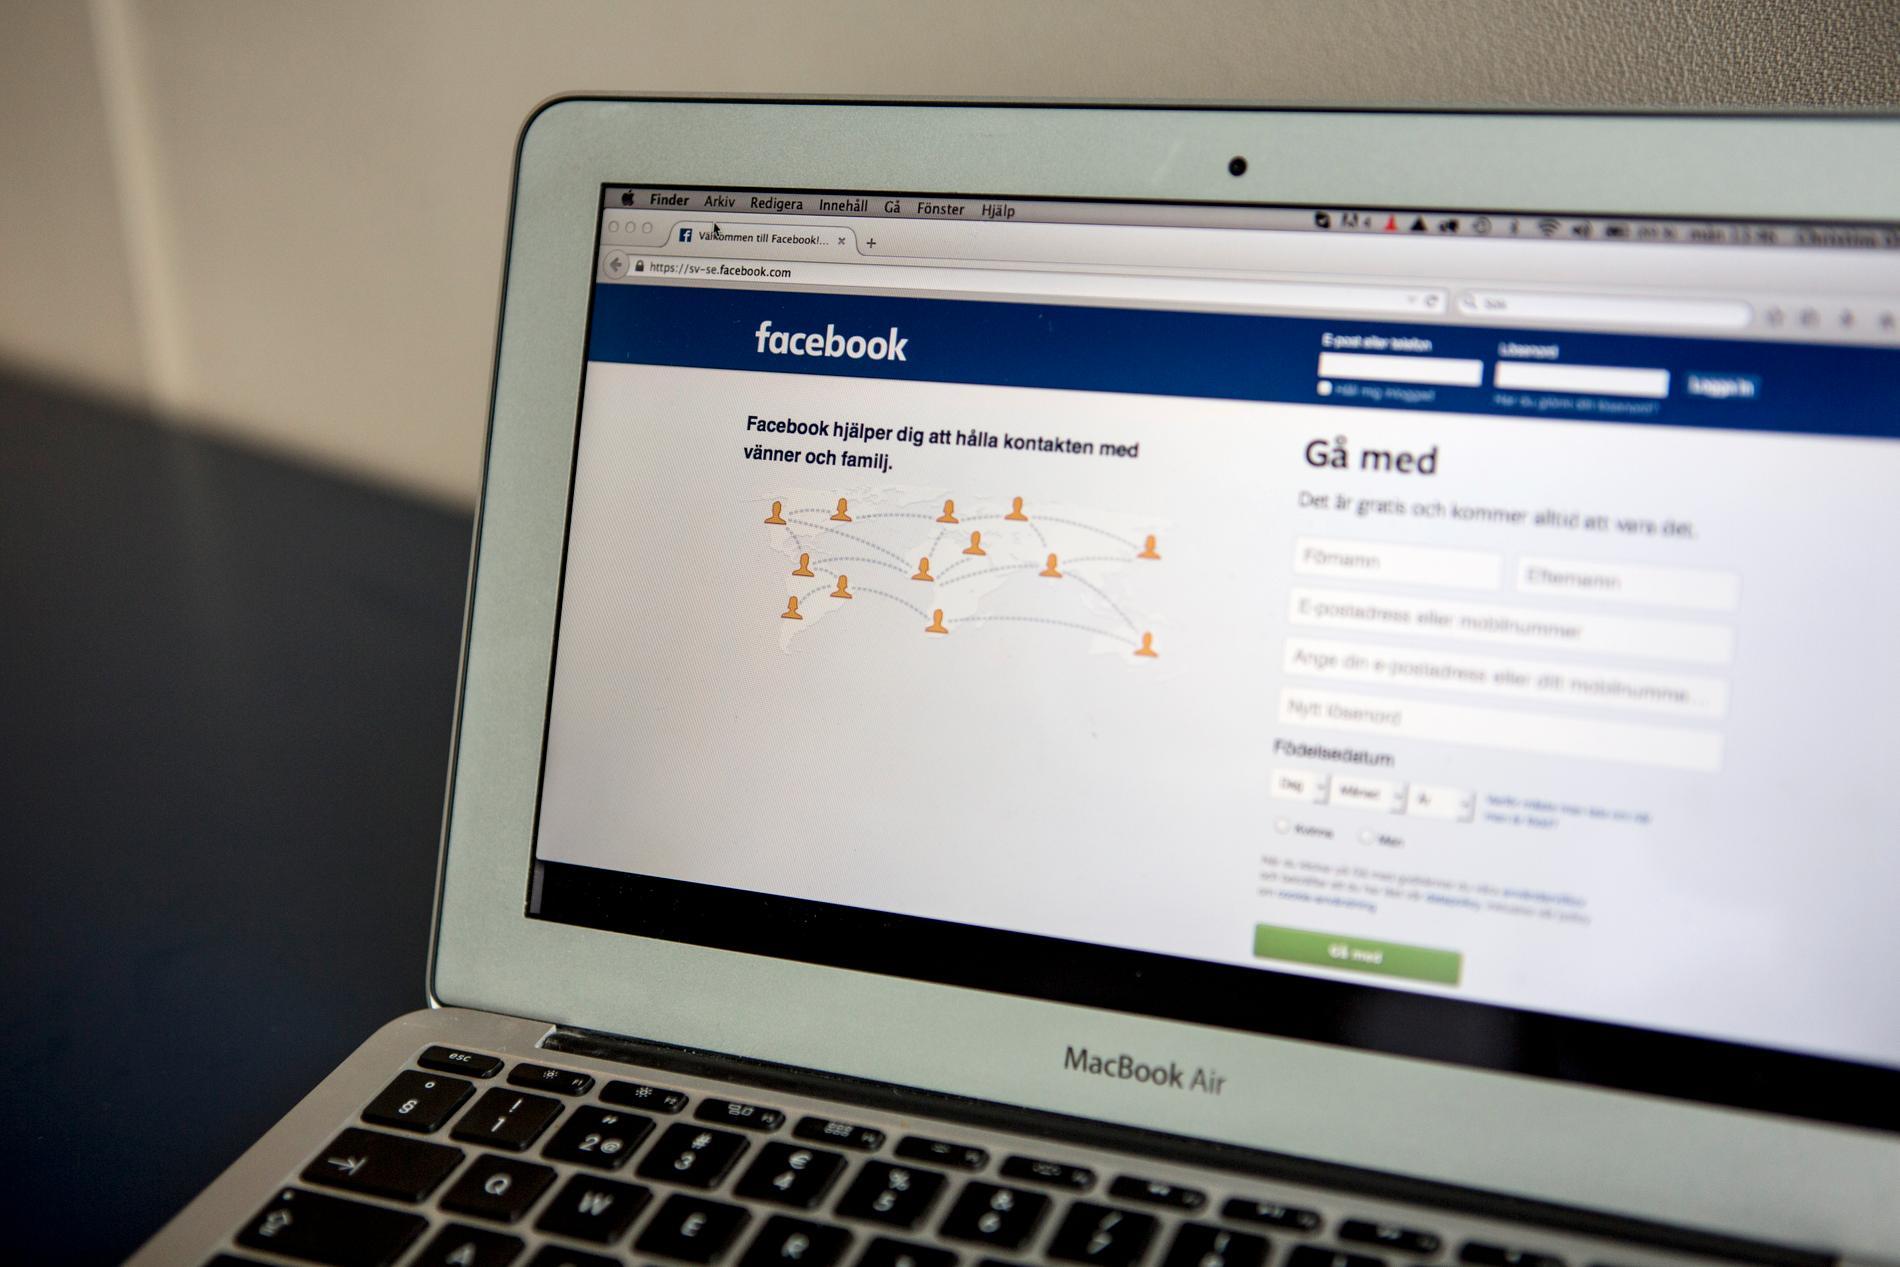 Facebook borde varna användare innan man raderar konton, enligt tysk domstol. Arkivbild.